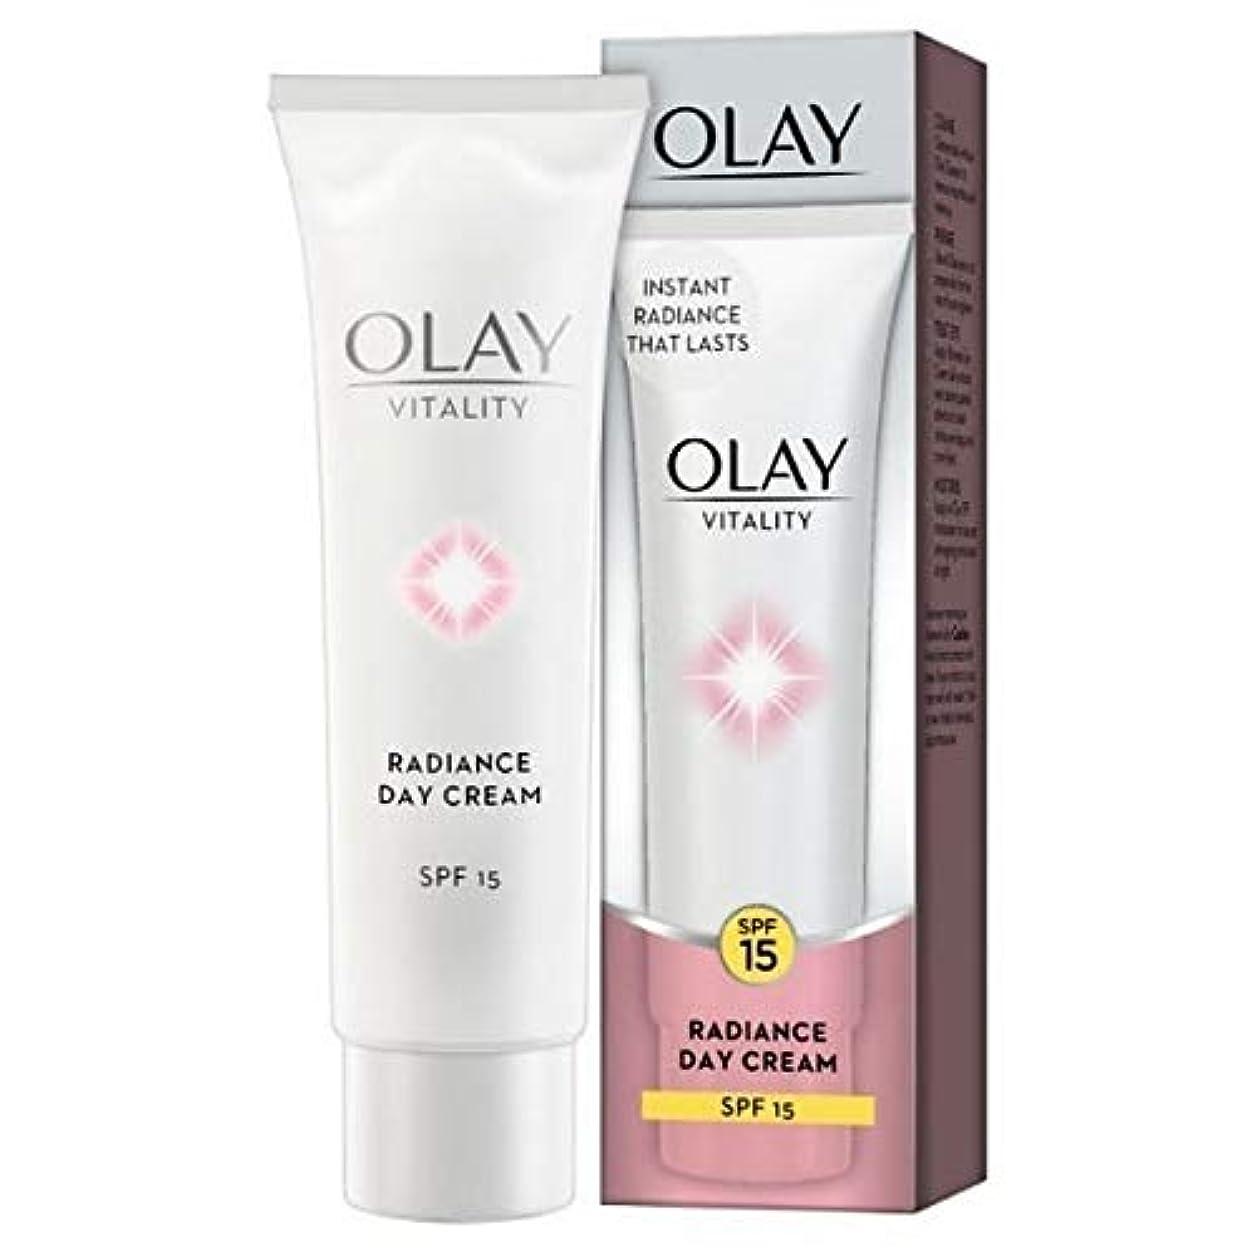 圧倒するオリエンテーション味方[Olay ] オーレイ活力放射輝度デイクリームSpf15の50ミリリットル - Olay Vitality Radiance Day Cream SPF15 50ml [並行輸入品]